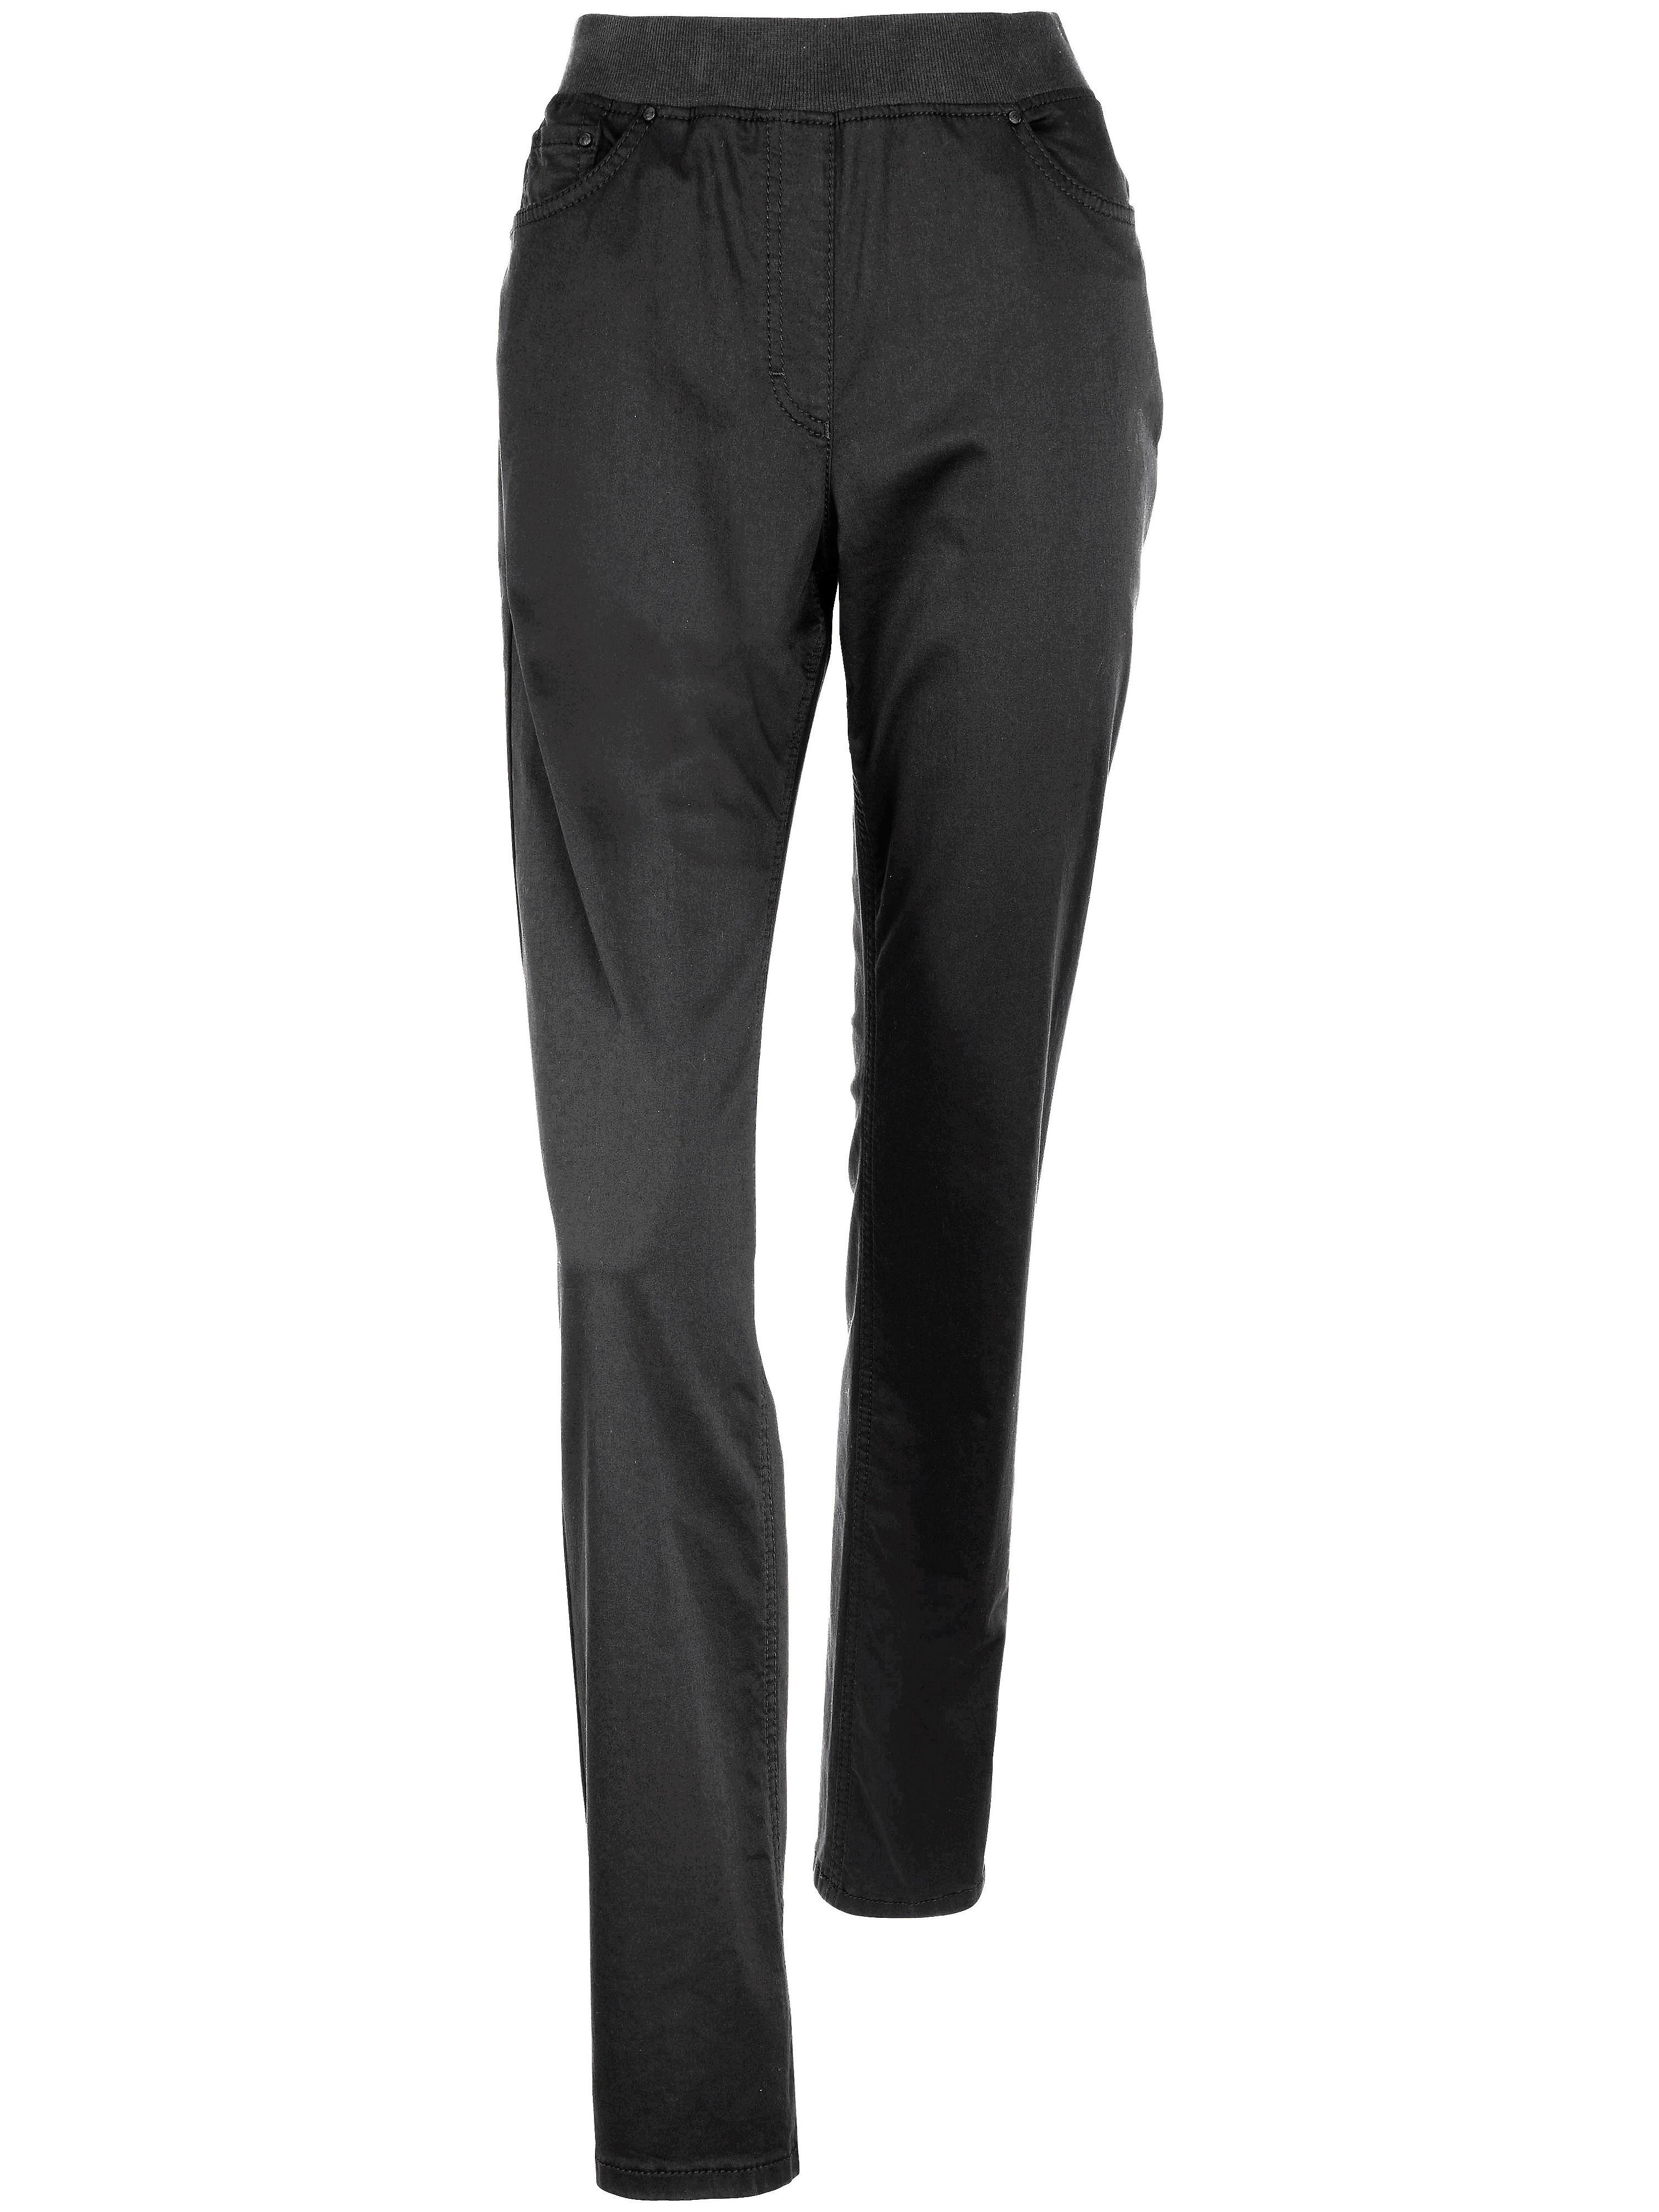 Comfort Plus-broek, model Carina Van Raphaela by Brax grijs